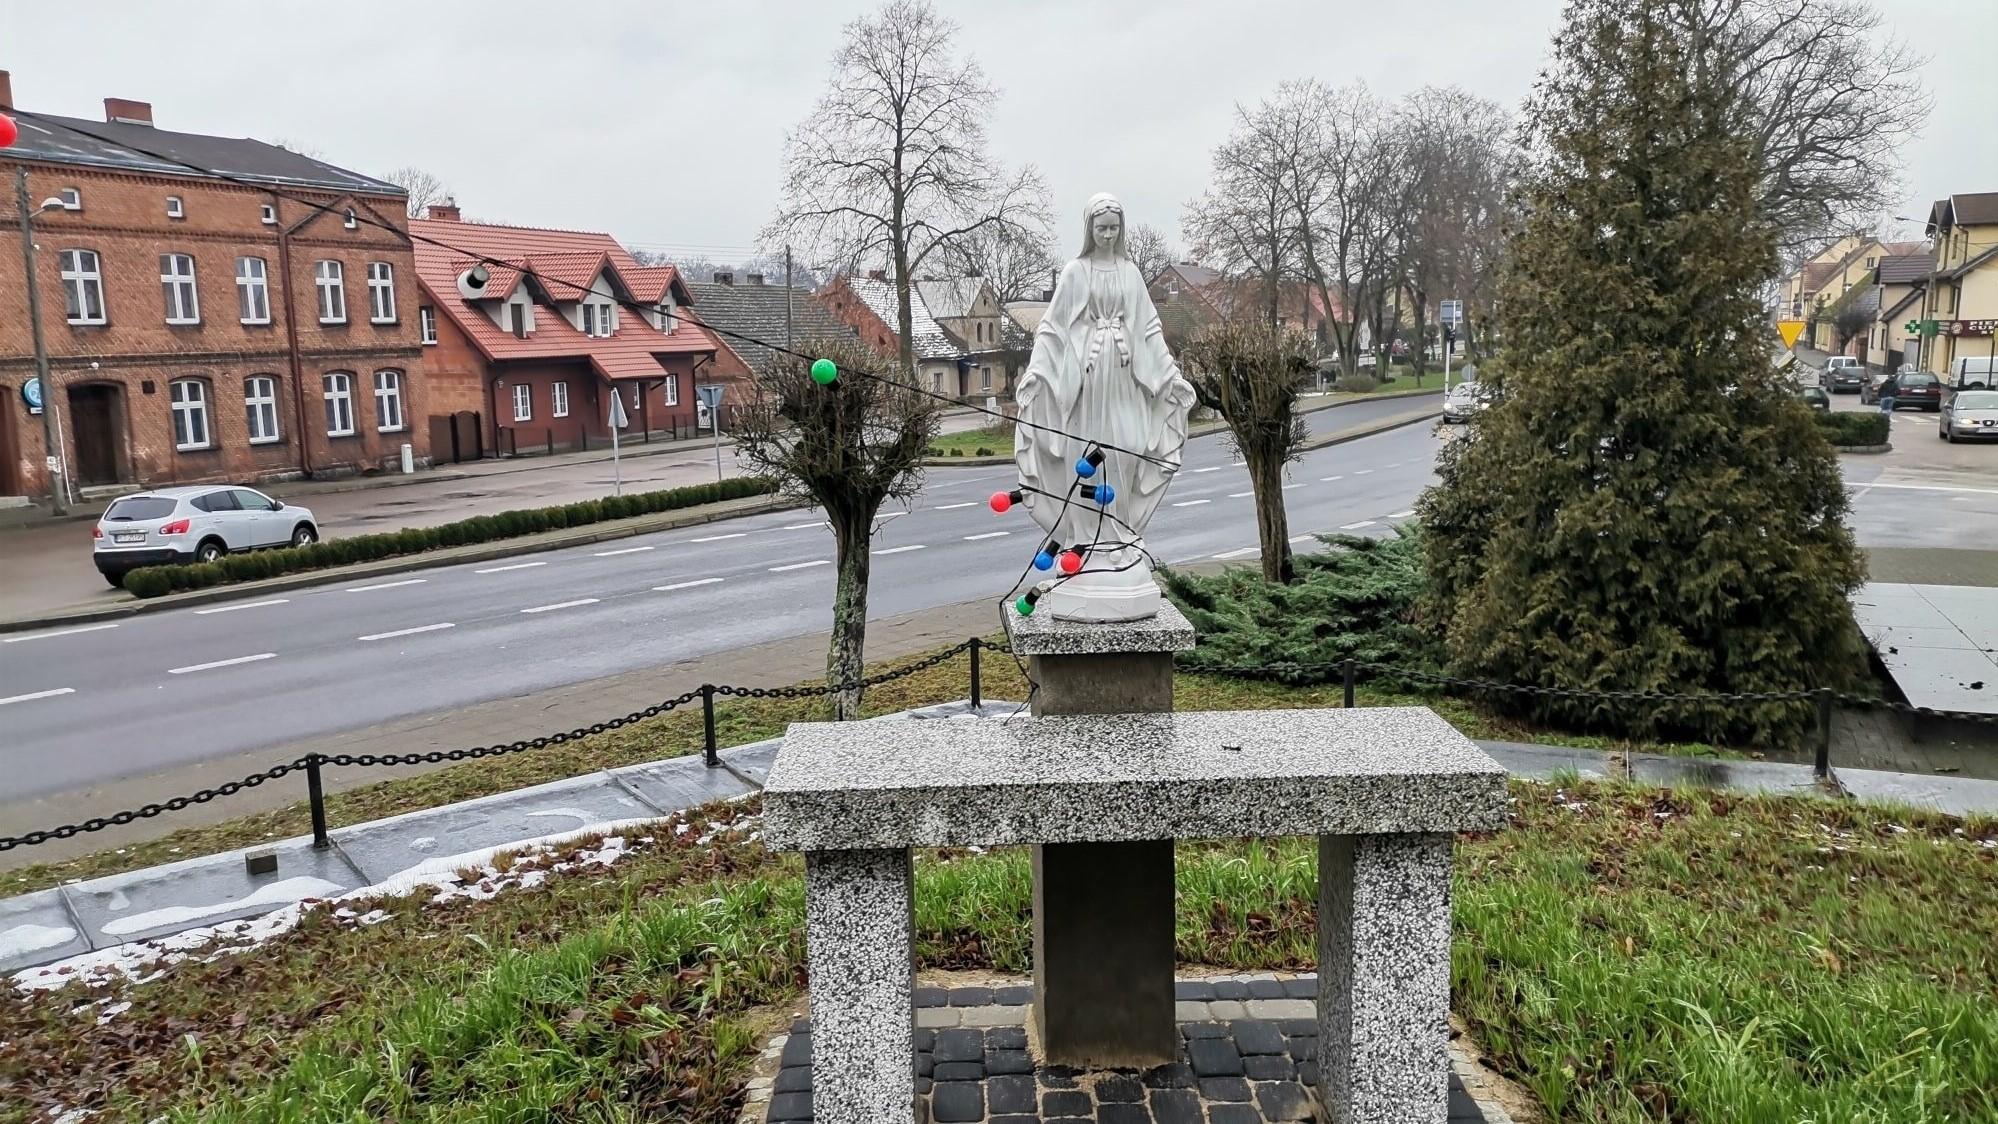 wandale parafia połajewo  - FB: Spotted Połajewo